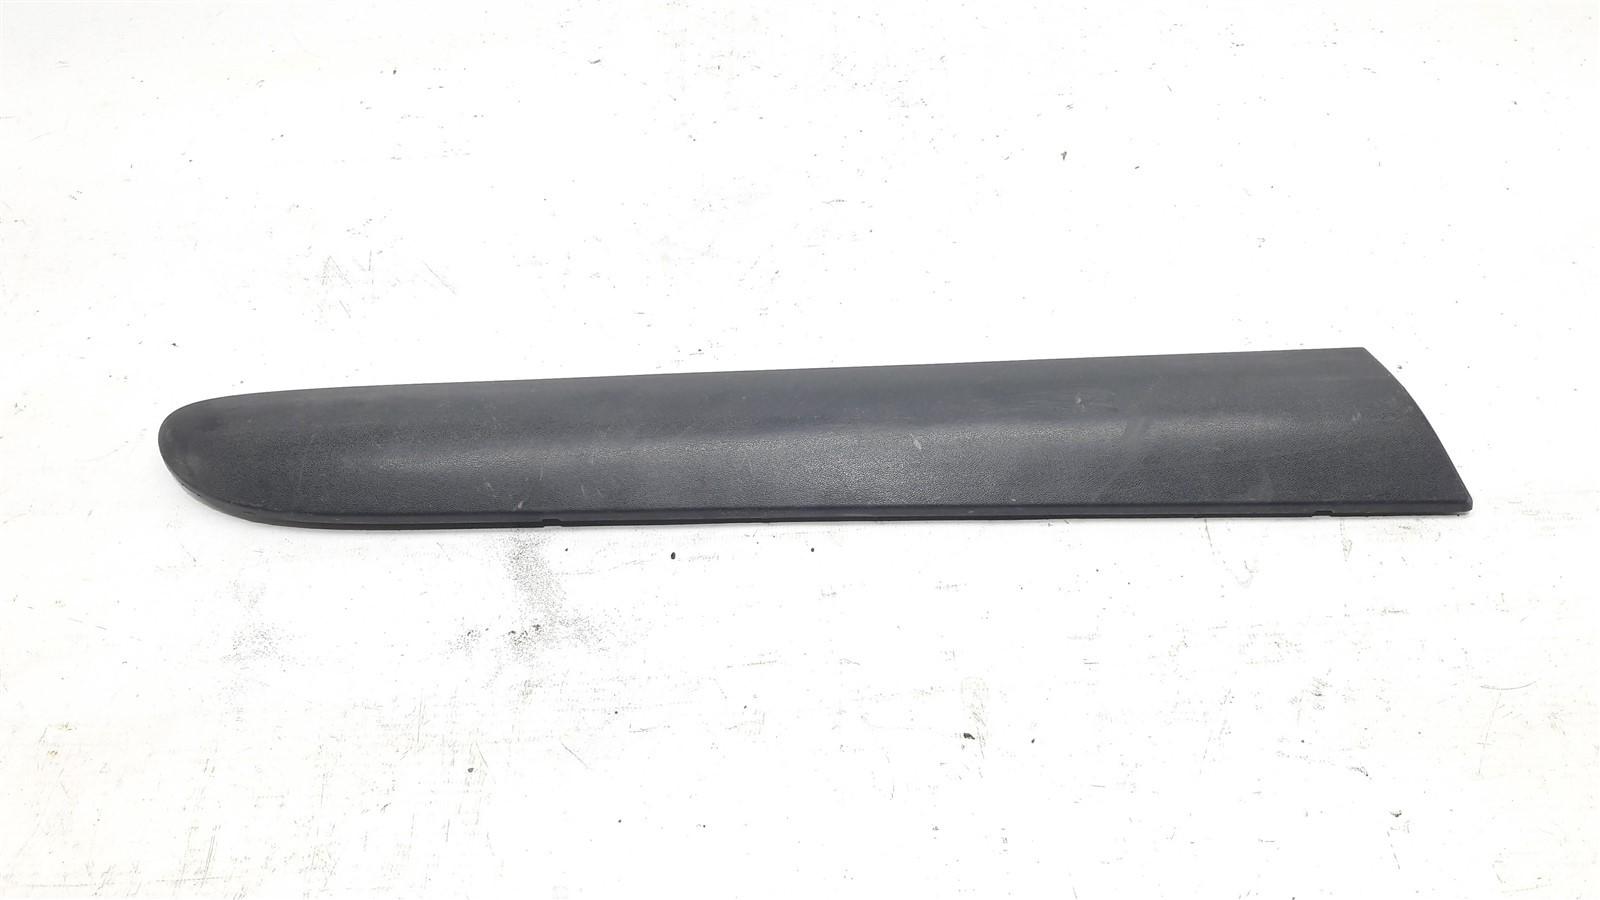 Friso borrachão lateral traseiro direito clio 2 portas 2001-2008